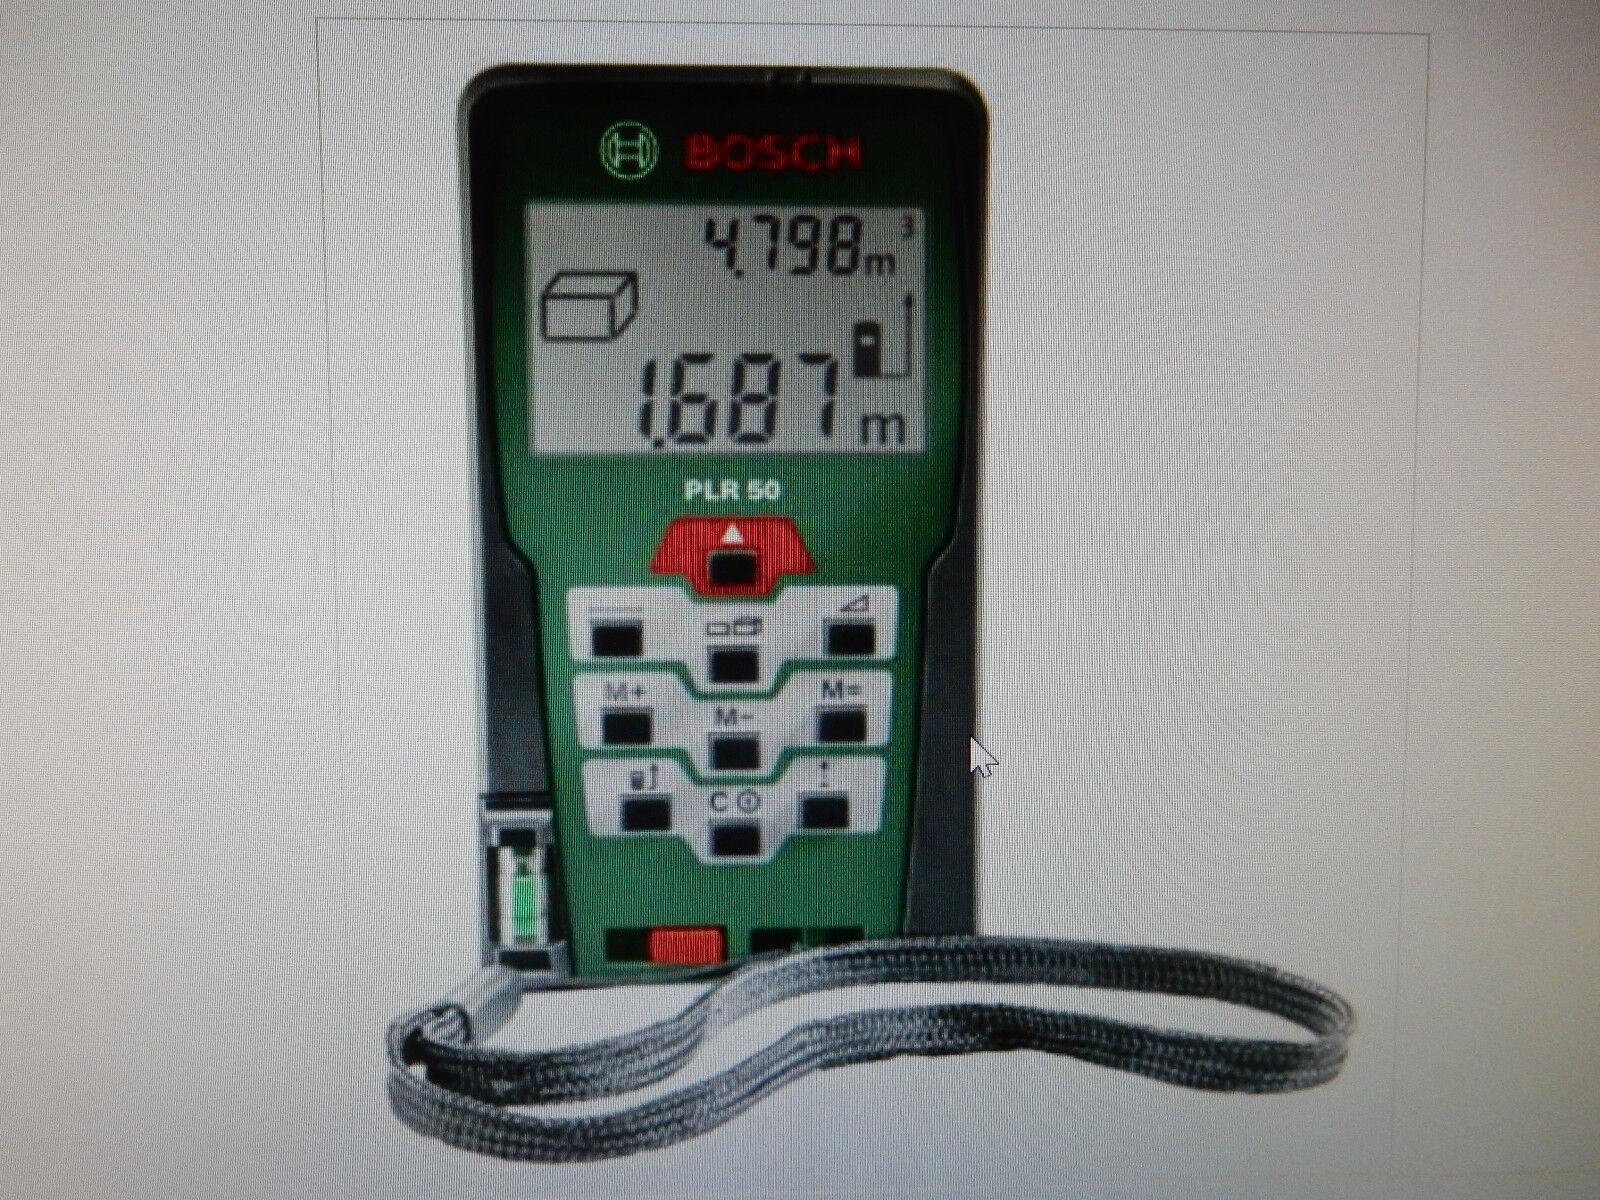 Bosch Entfernungsmesser Glm 120 C : Bosch laser entfernungsmesser mit kamera glm c